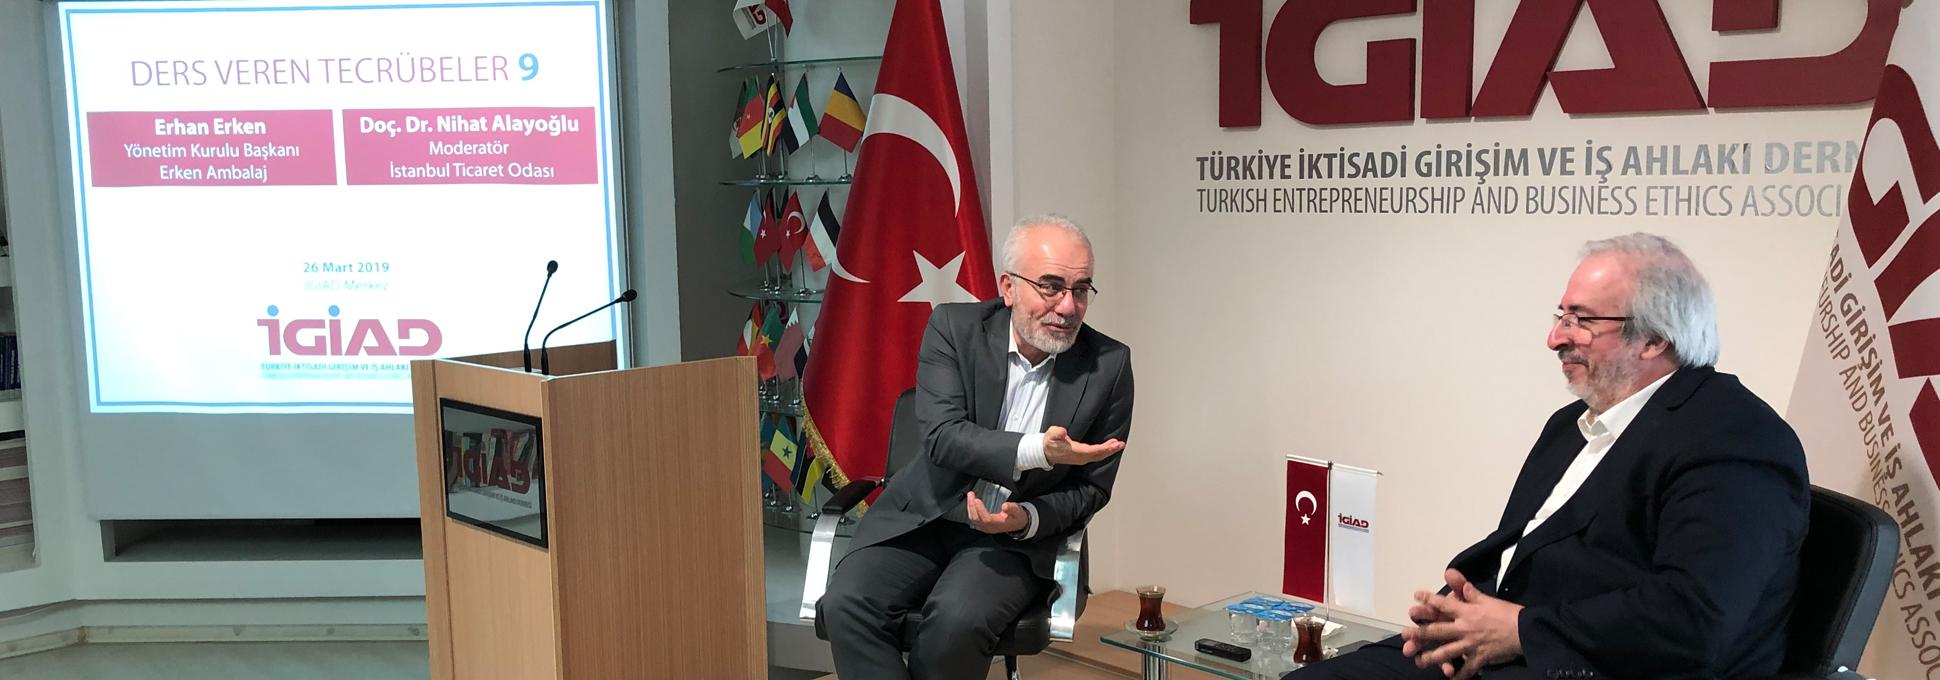 Ders Veren Tecrübelerde Erhan Erken'i Dinledik